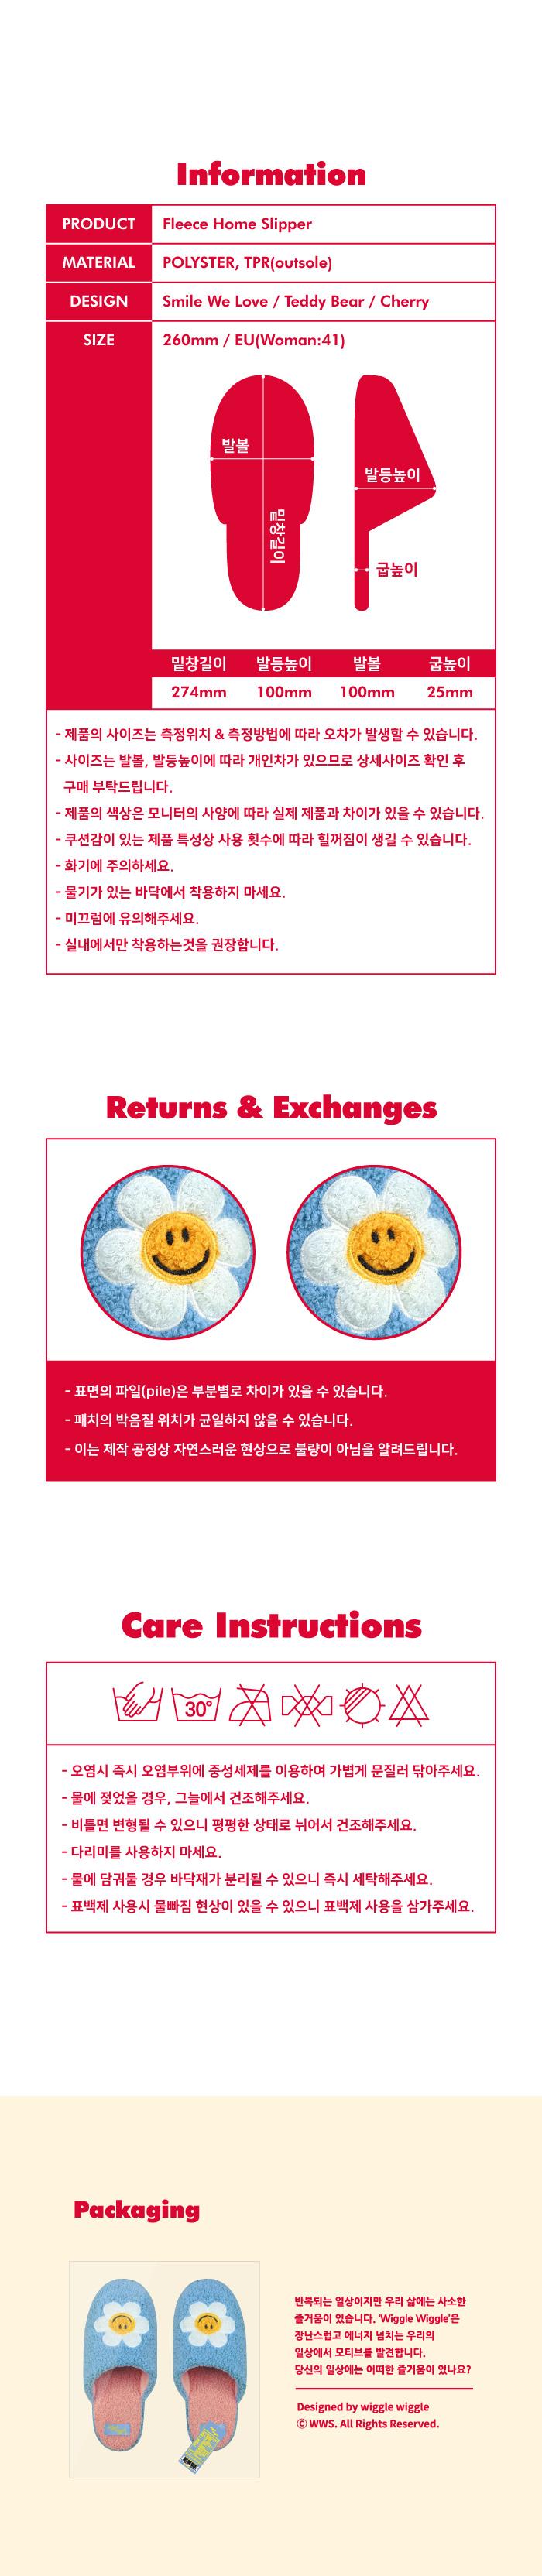 위글위글(WIGGLE WIGGLE) 뽀글이 홈슬리퍼 - Smile We Love